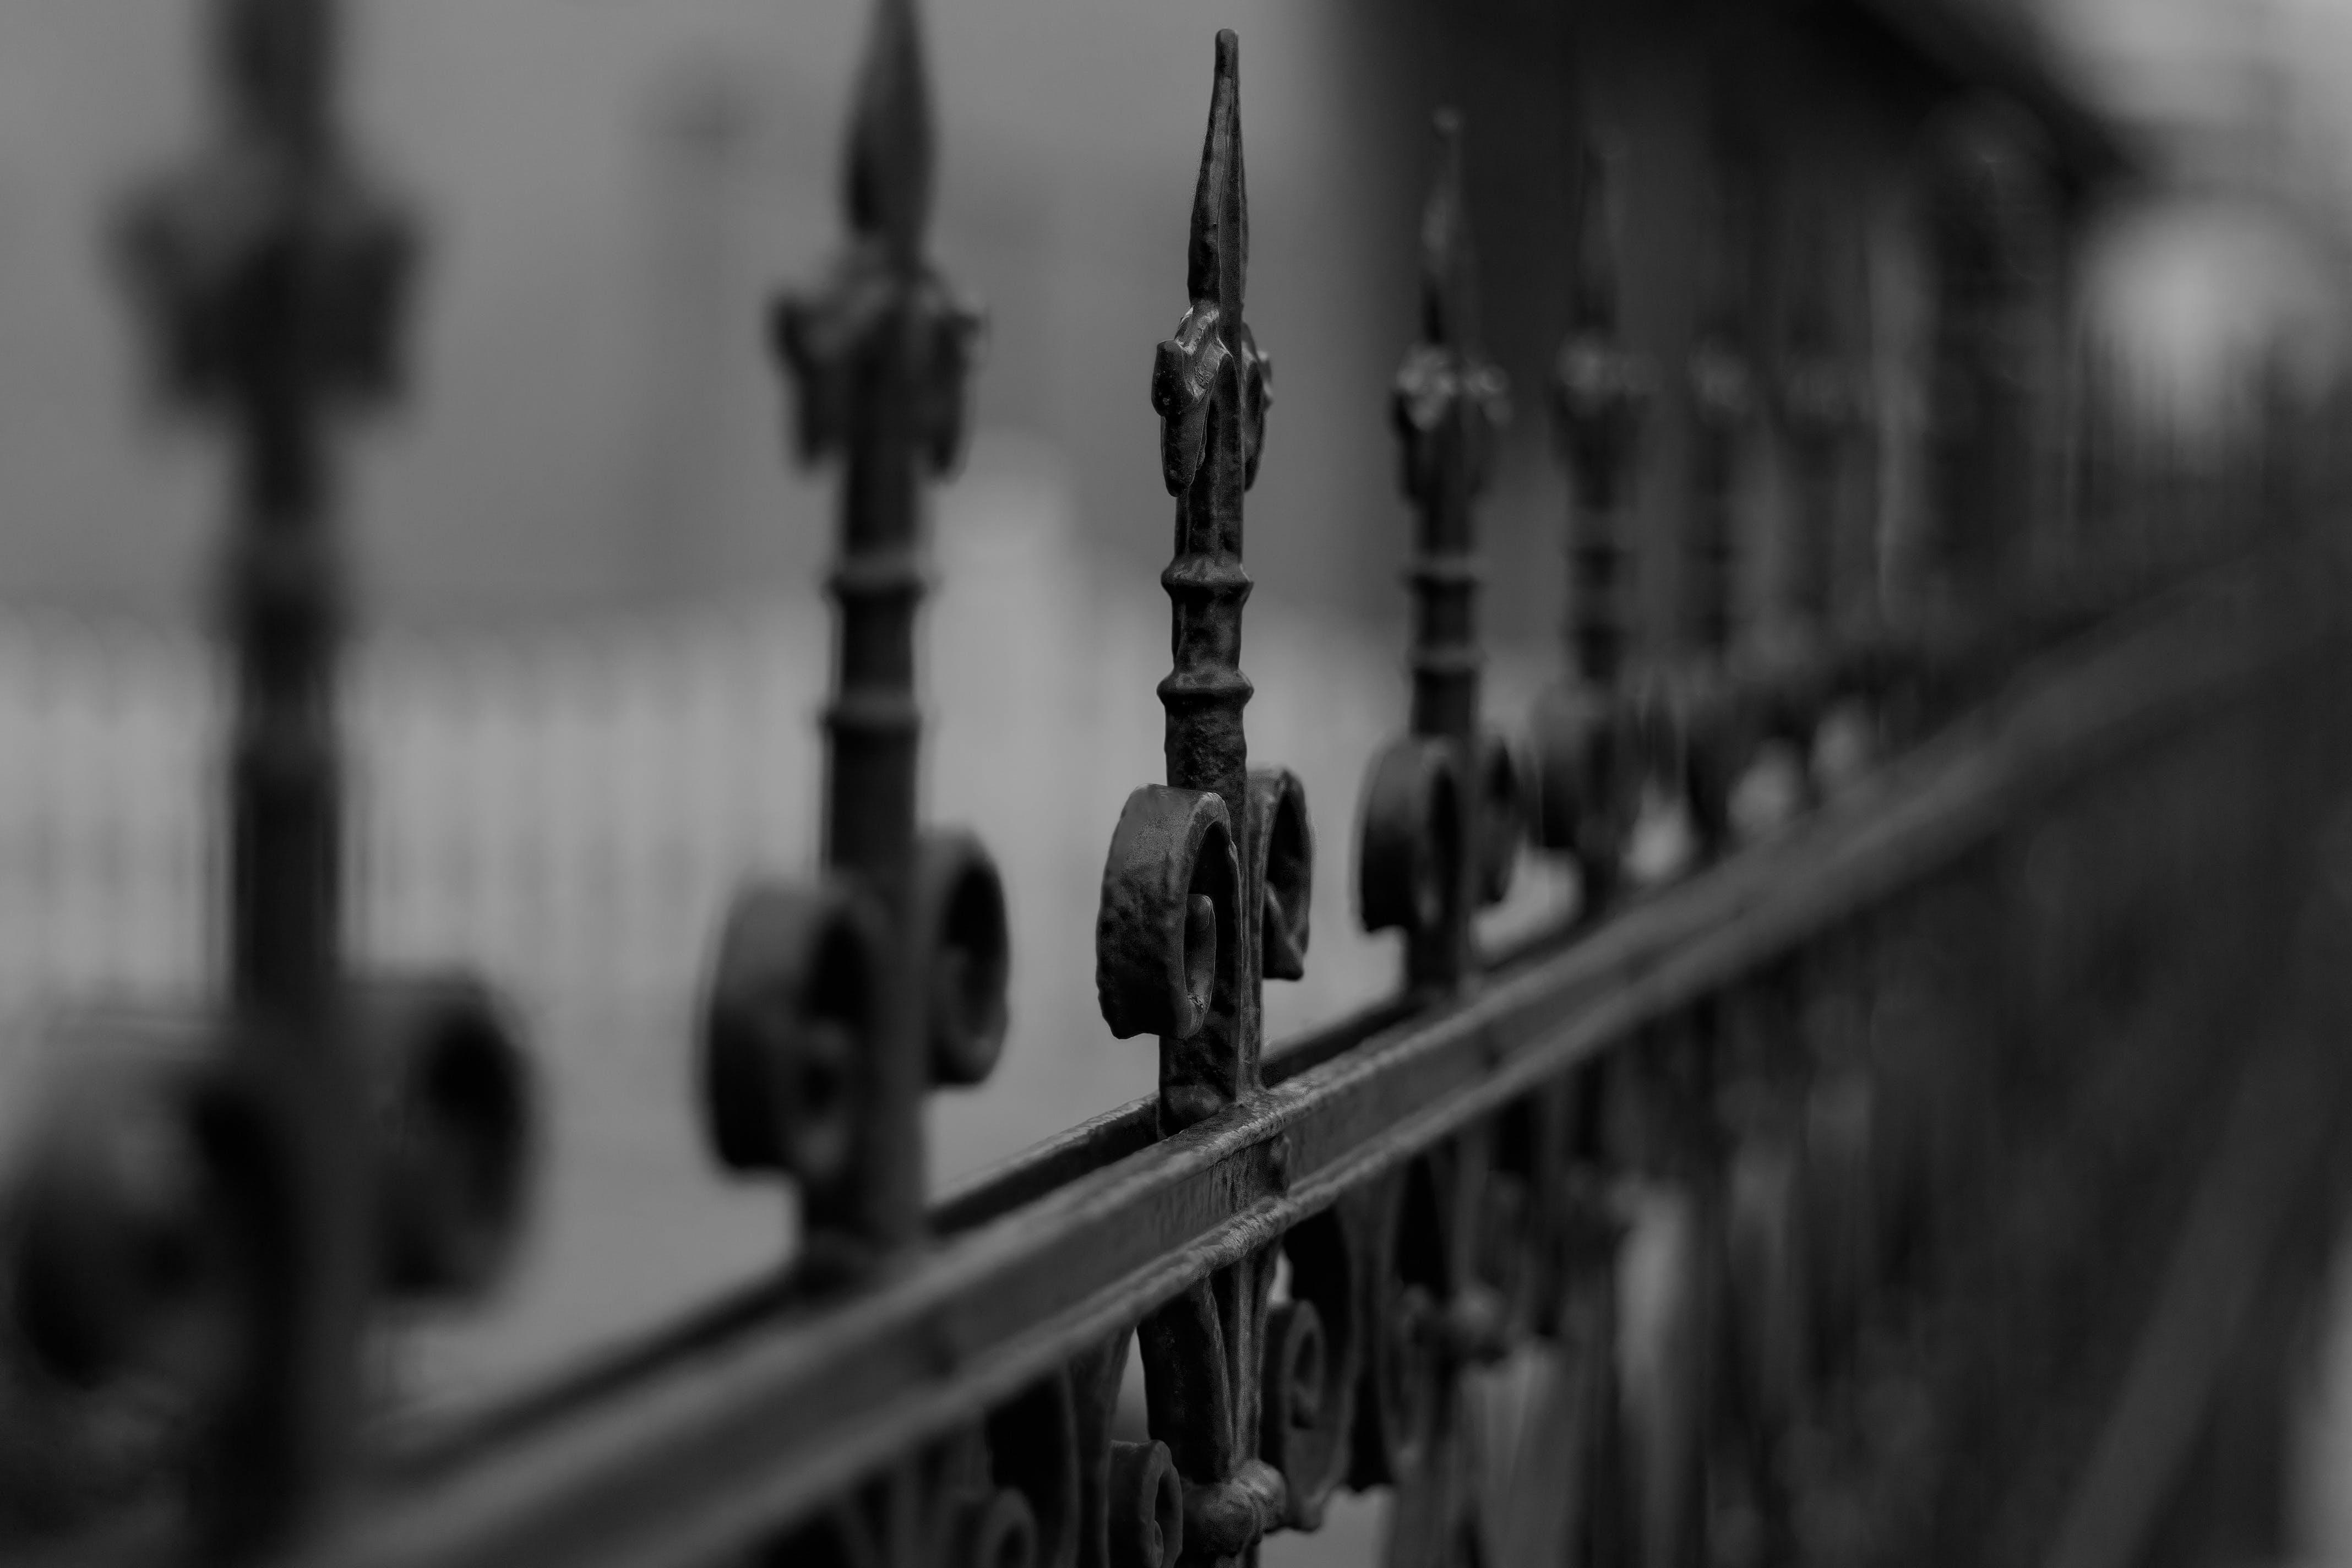 围栏, 景深, 模糊, 熟鐵 的 免费素材照片